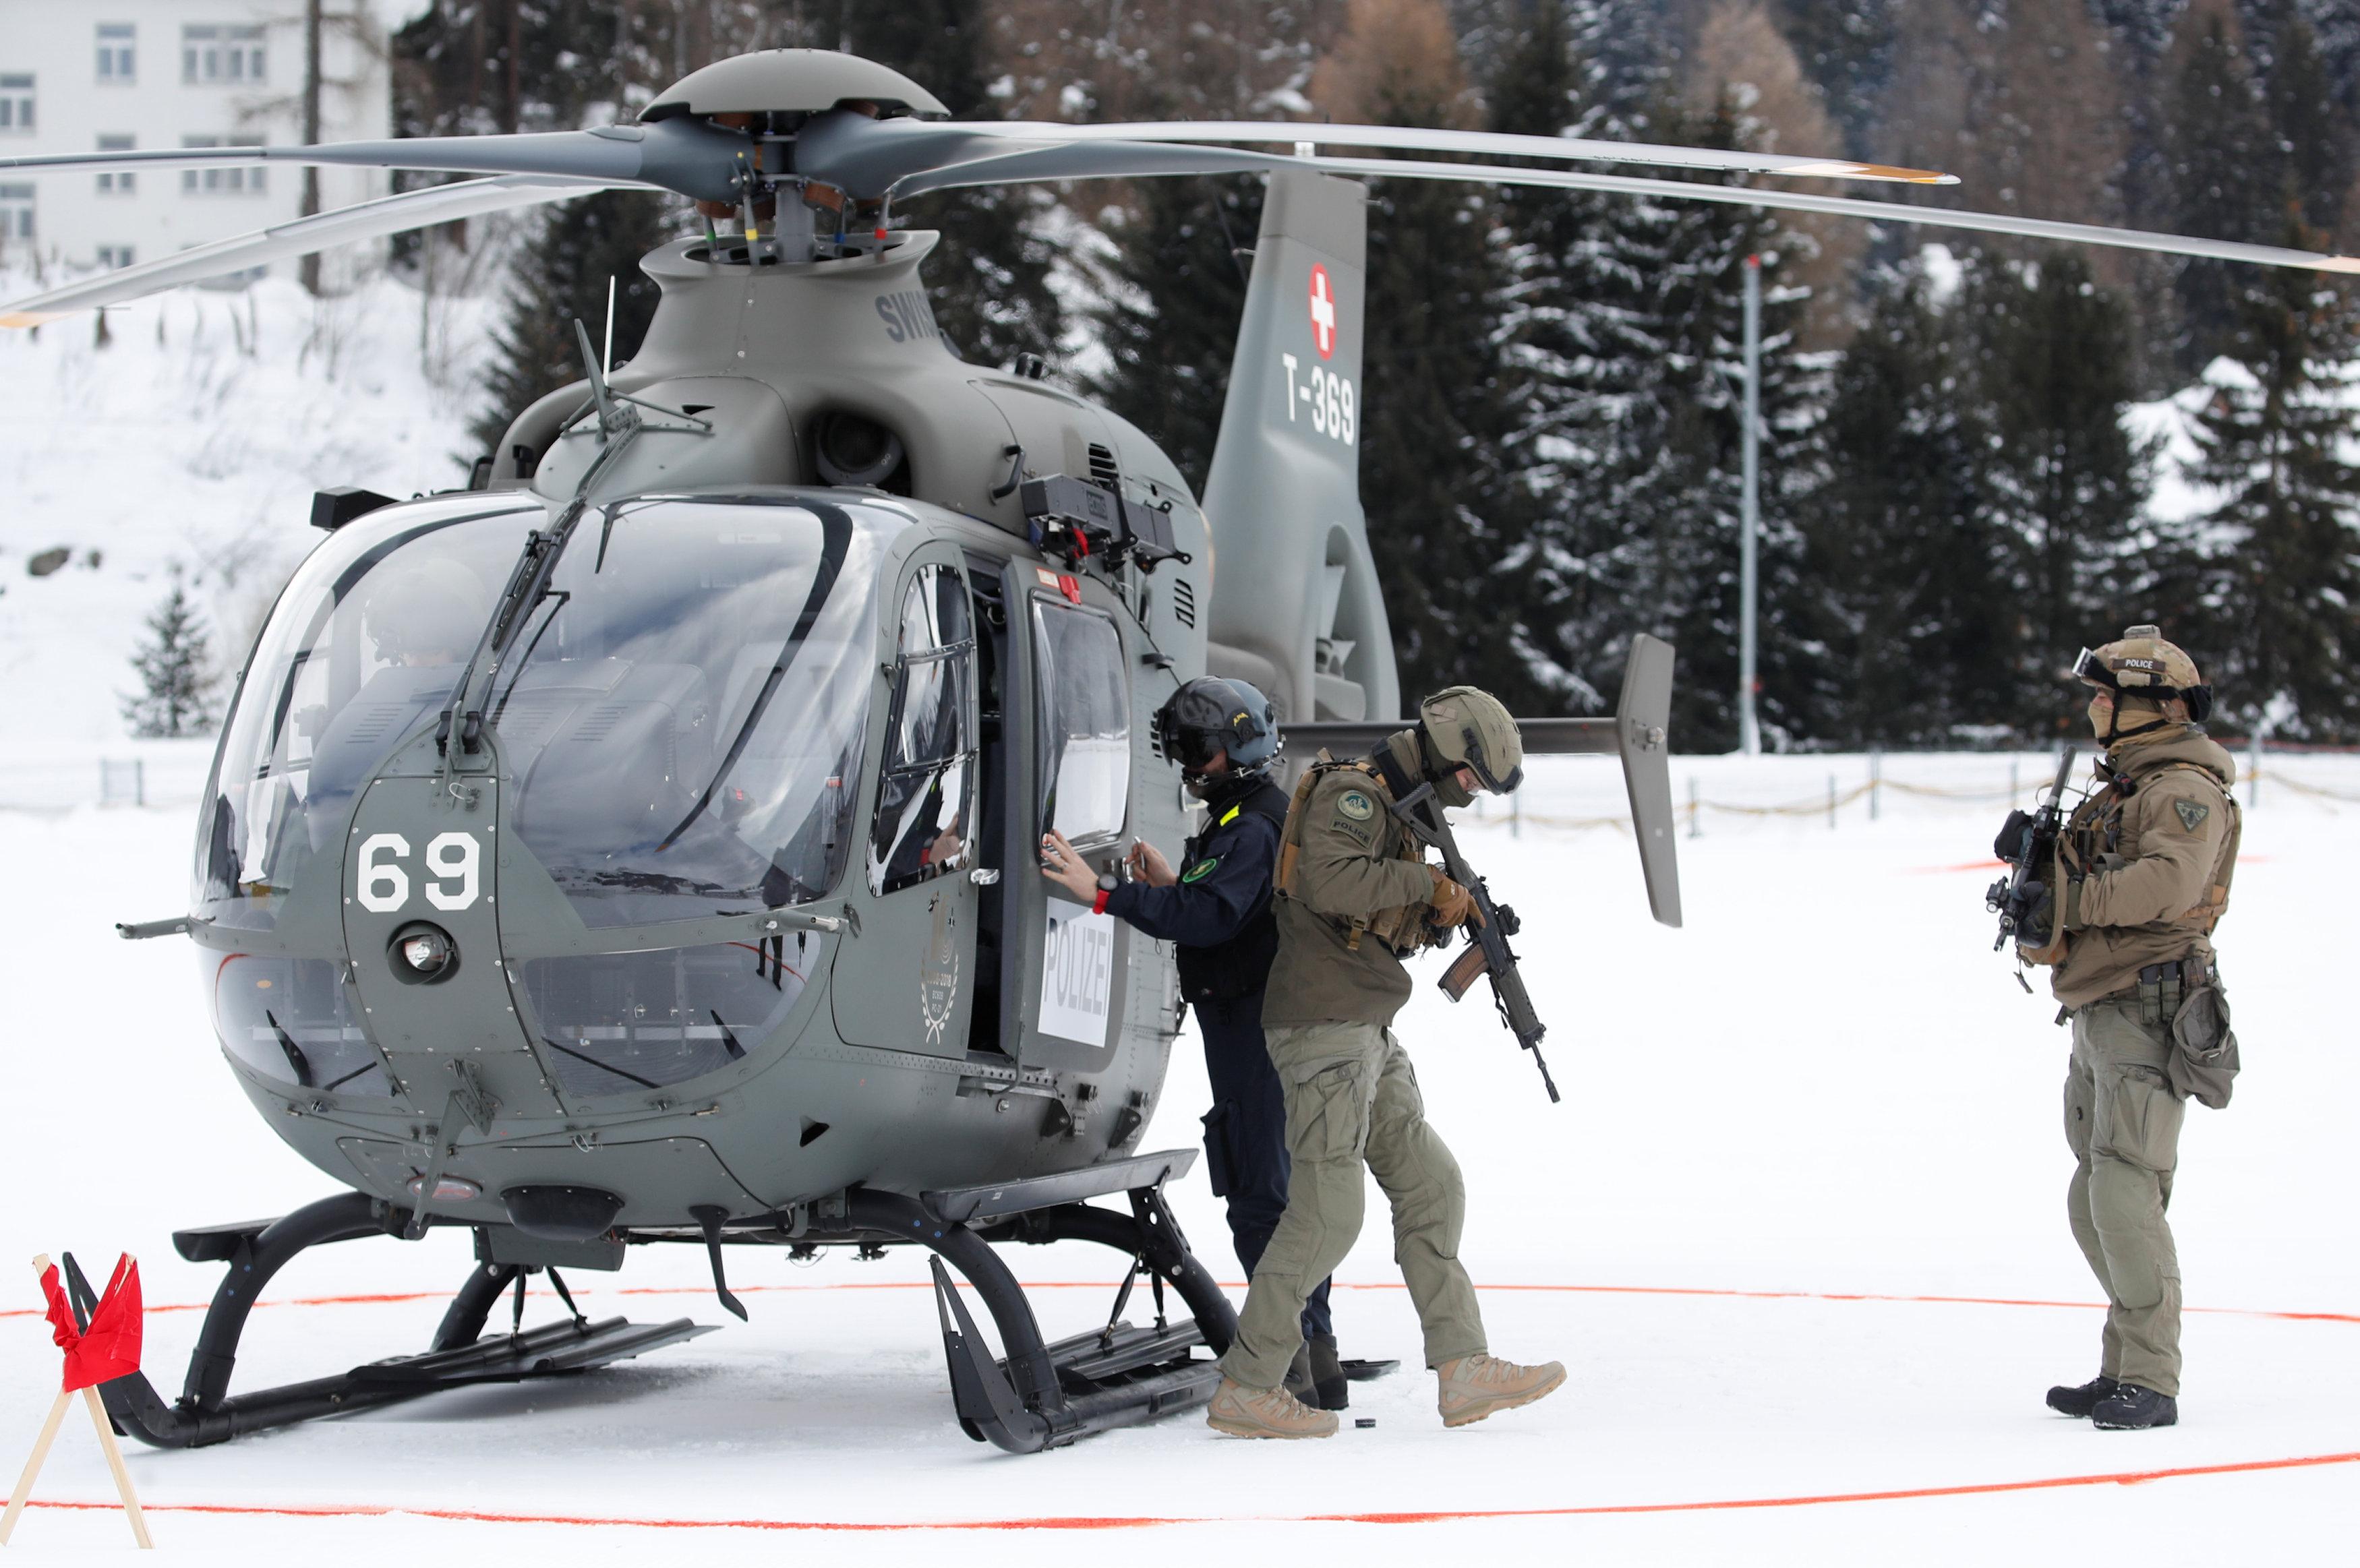 الجيش فى سويسرا يحمى مؤتمر دافوس